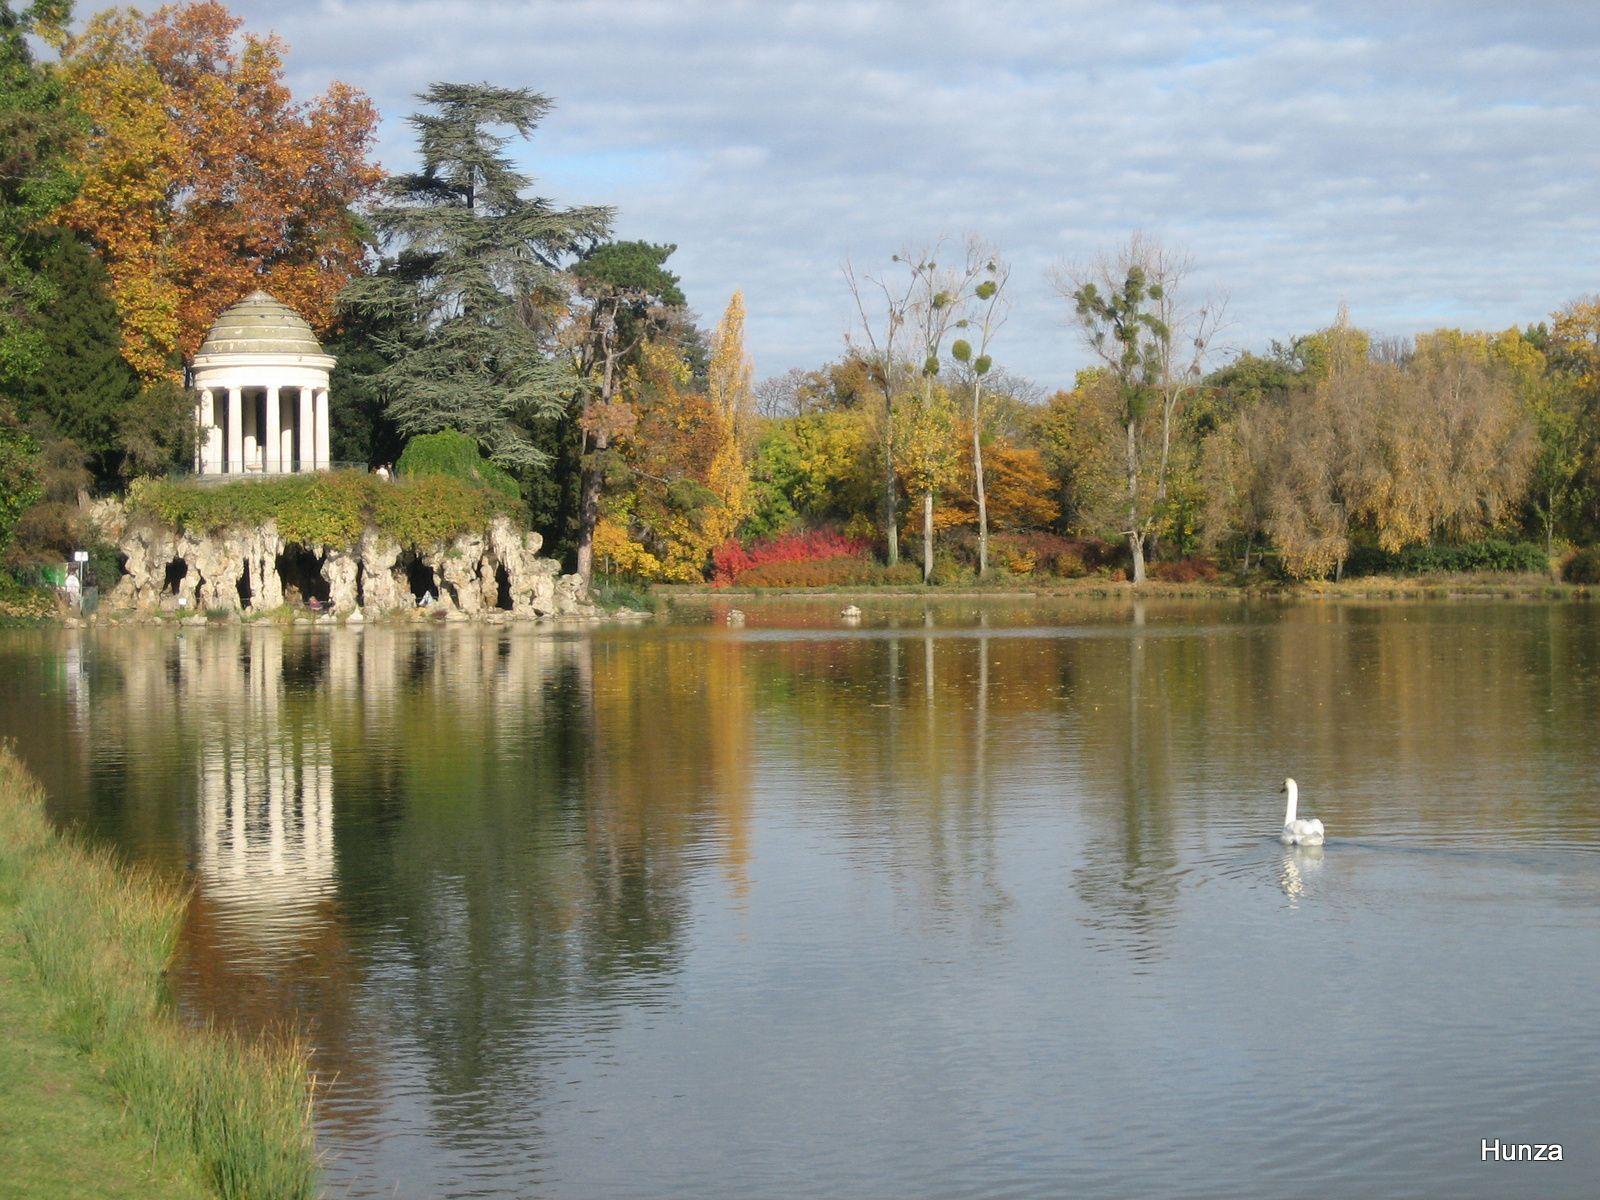 Lac Daumesnil : le kiosque (réplique du temple de Vesta à Tivoli en Italie) et la grotte, à la pointe sud-est de l'île Reuilly